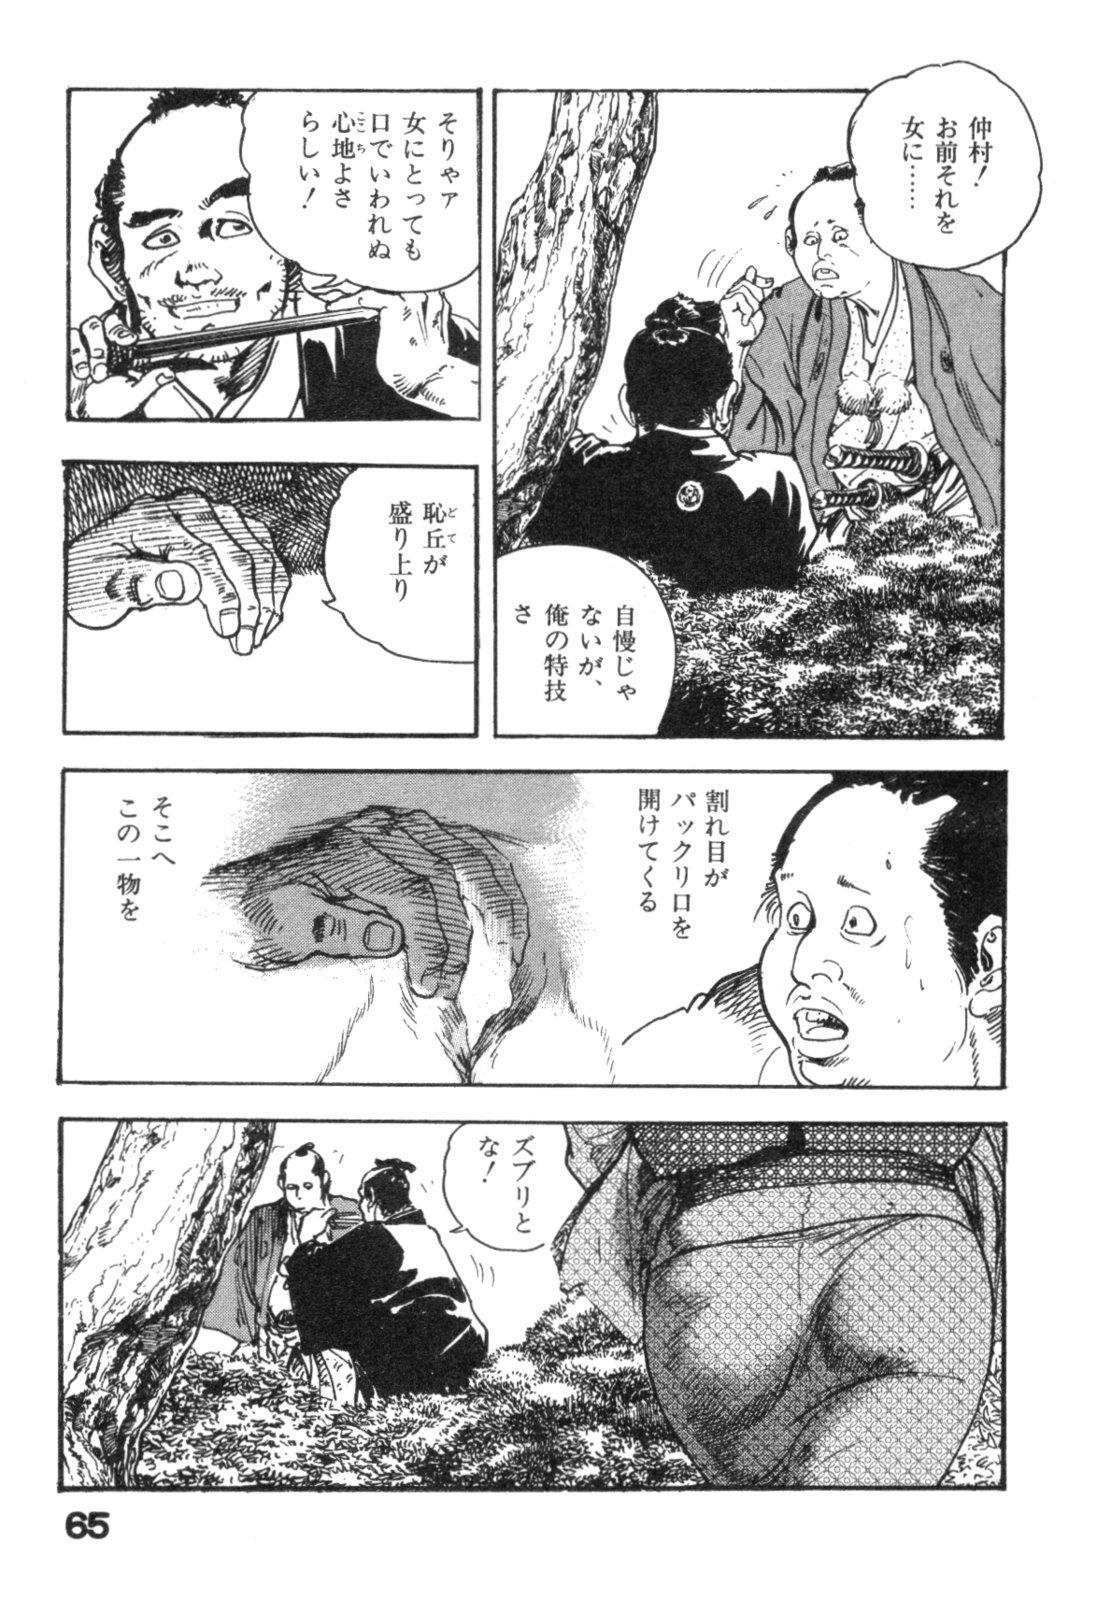 Jidaigeki Series 2 ~ Midare Kannon 67